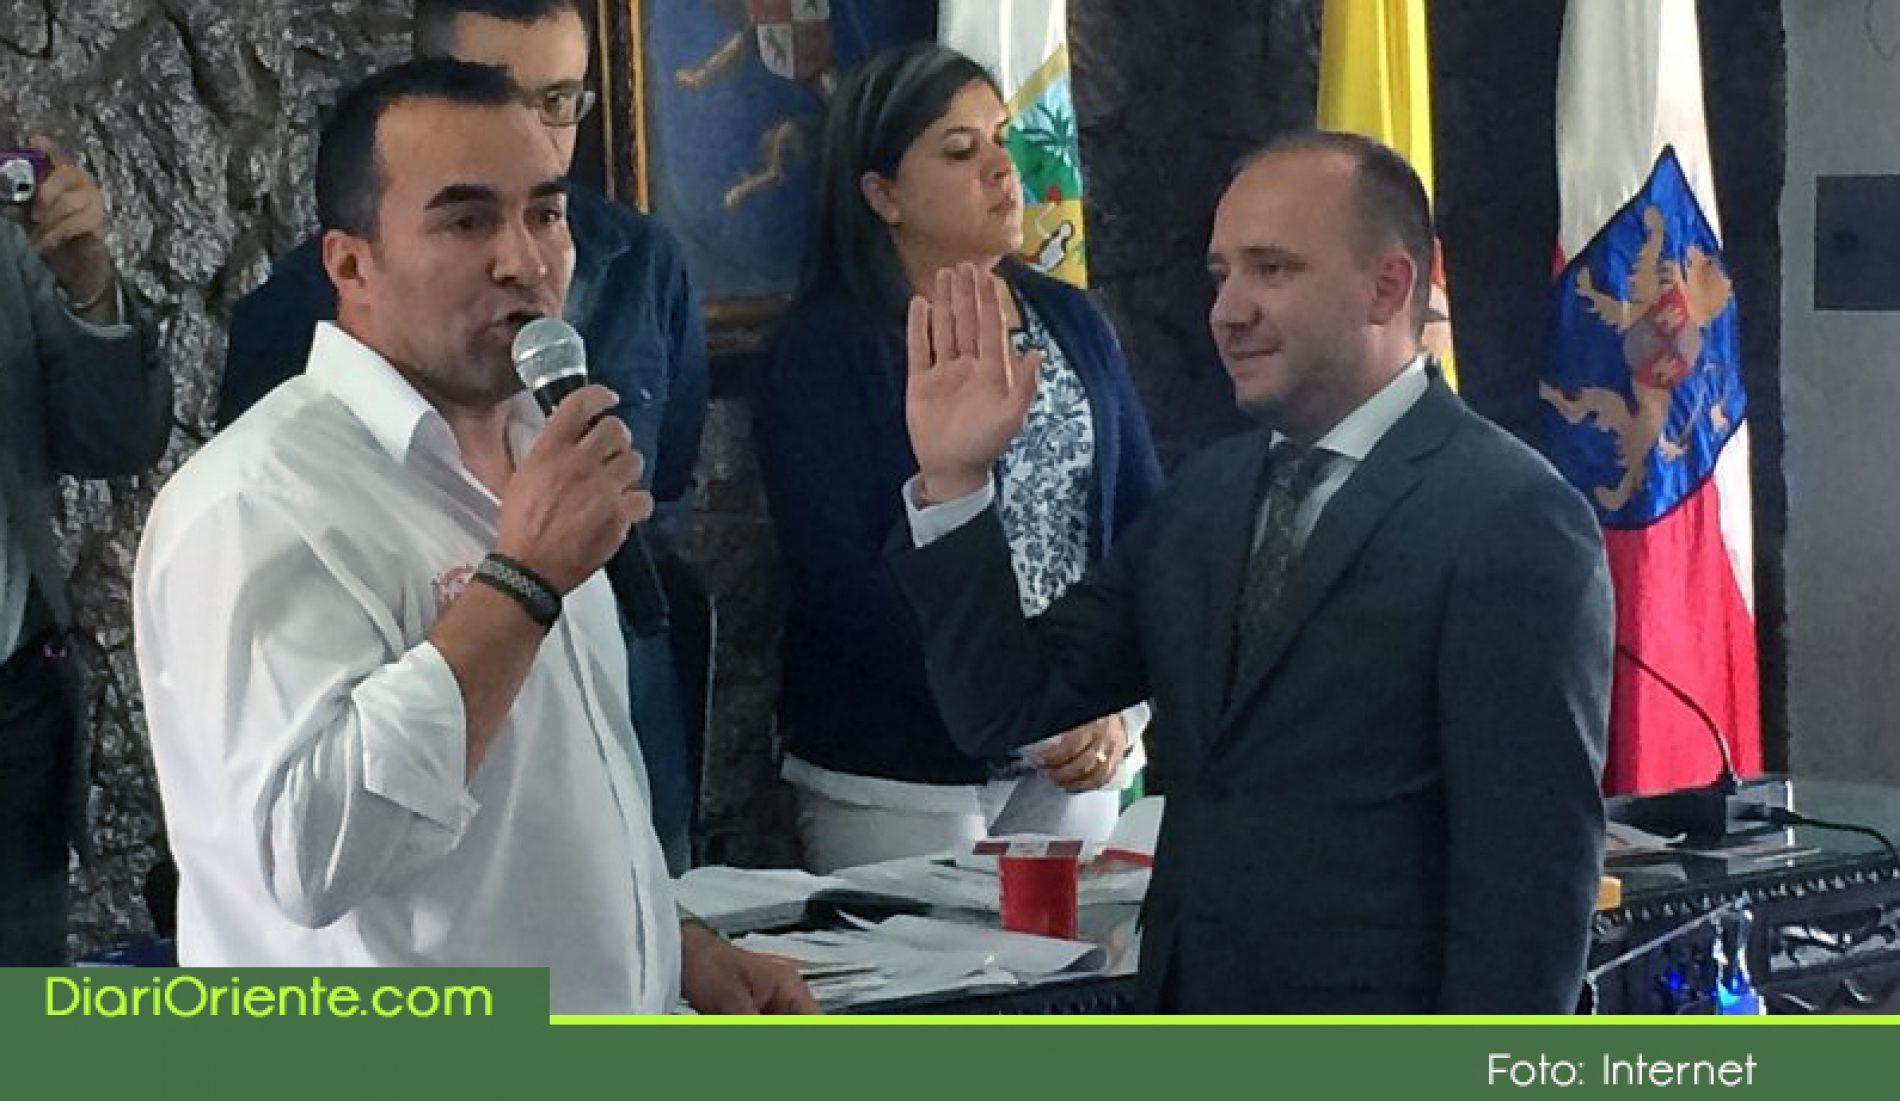 Photo of Consejo de Estado ratifica en segunda instancia elección de Carlos Andrés García como Personero de Rionegro